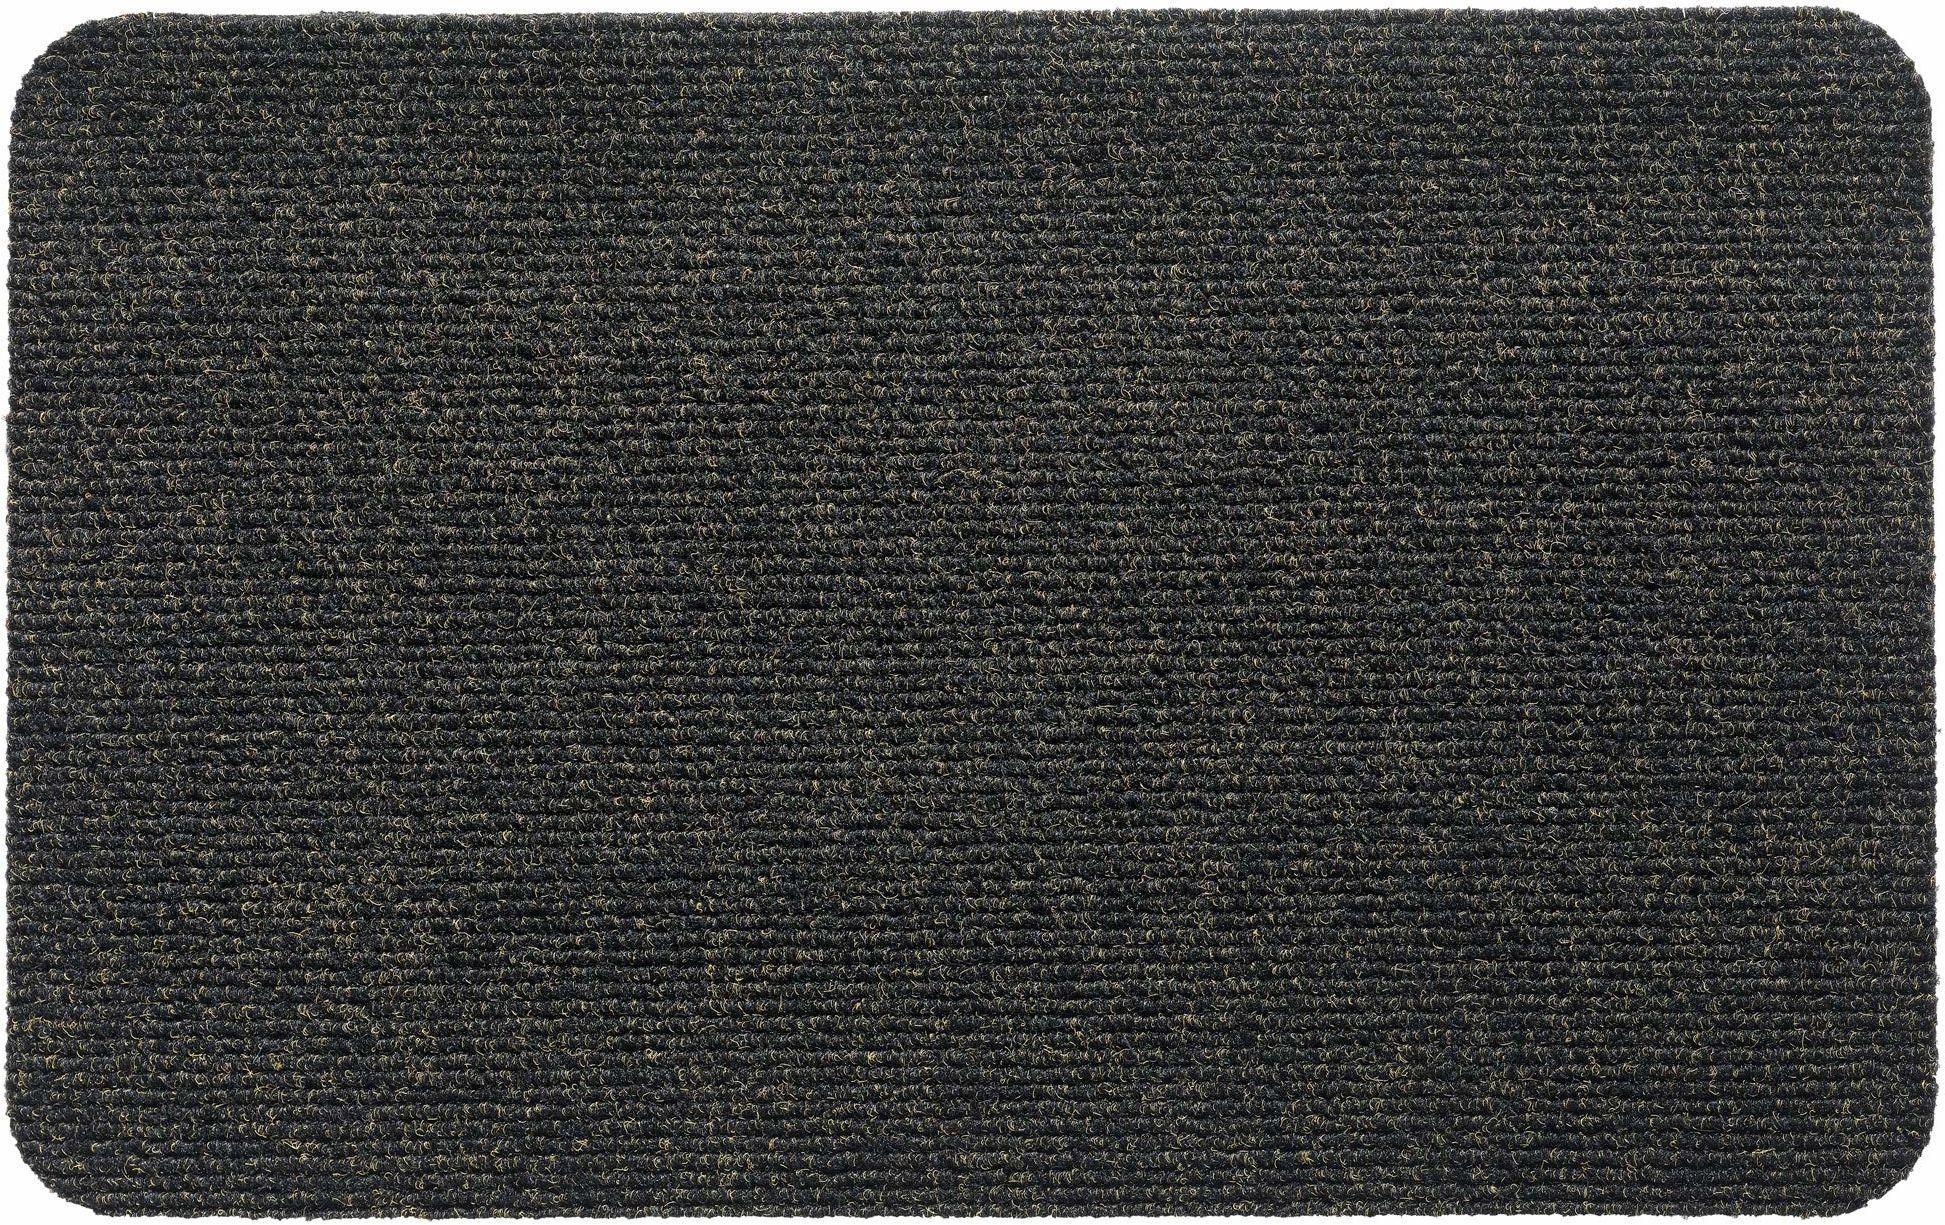 Wycieraczka Mega Rib, z polipropylenu, czarna, grafitowa, 50 x 80 cm